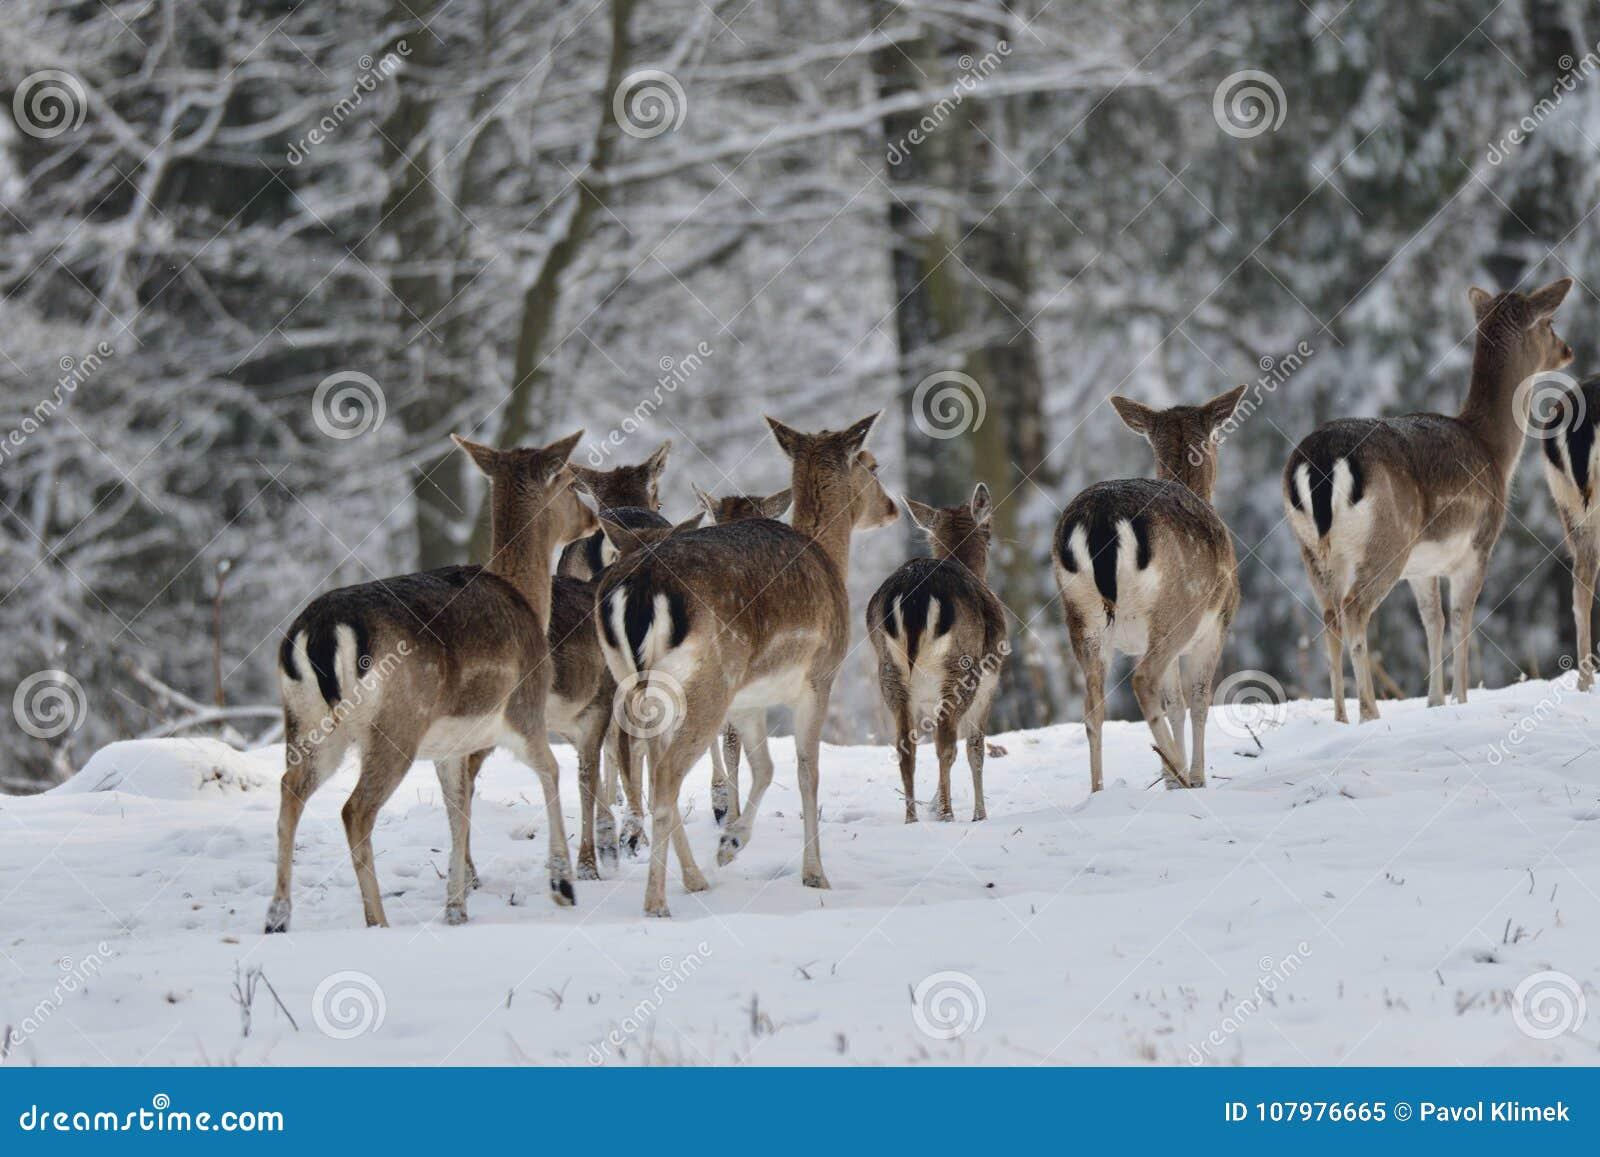 табун ланей наблюдая в белом снежном лесе в зиме